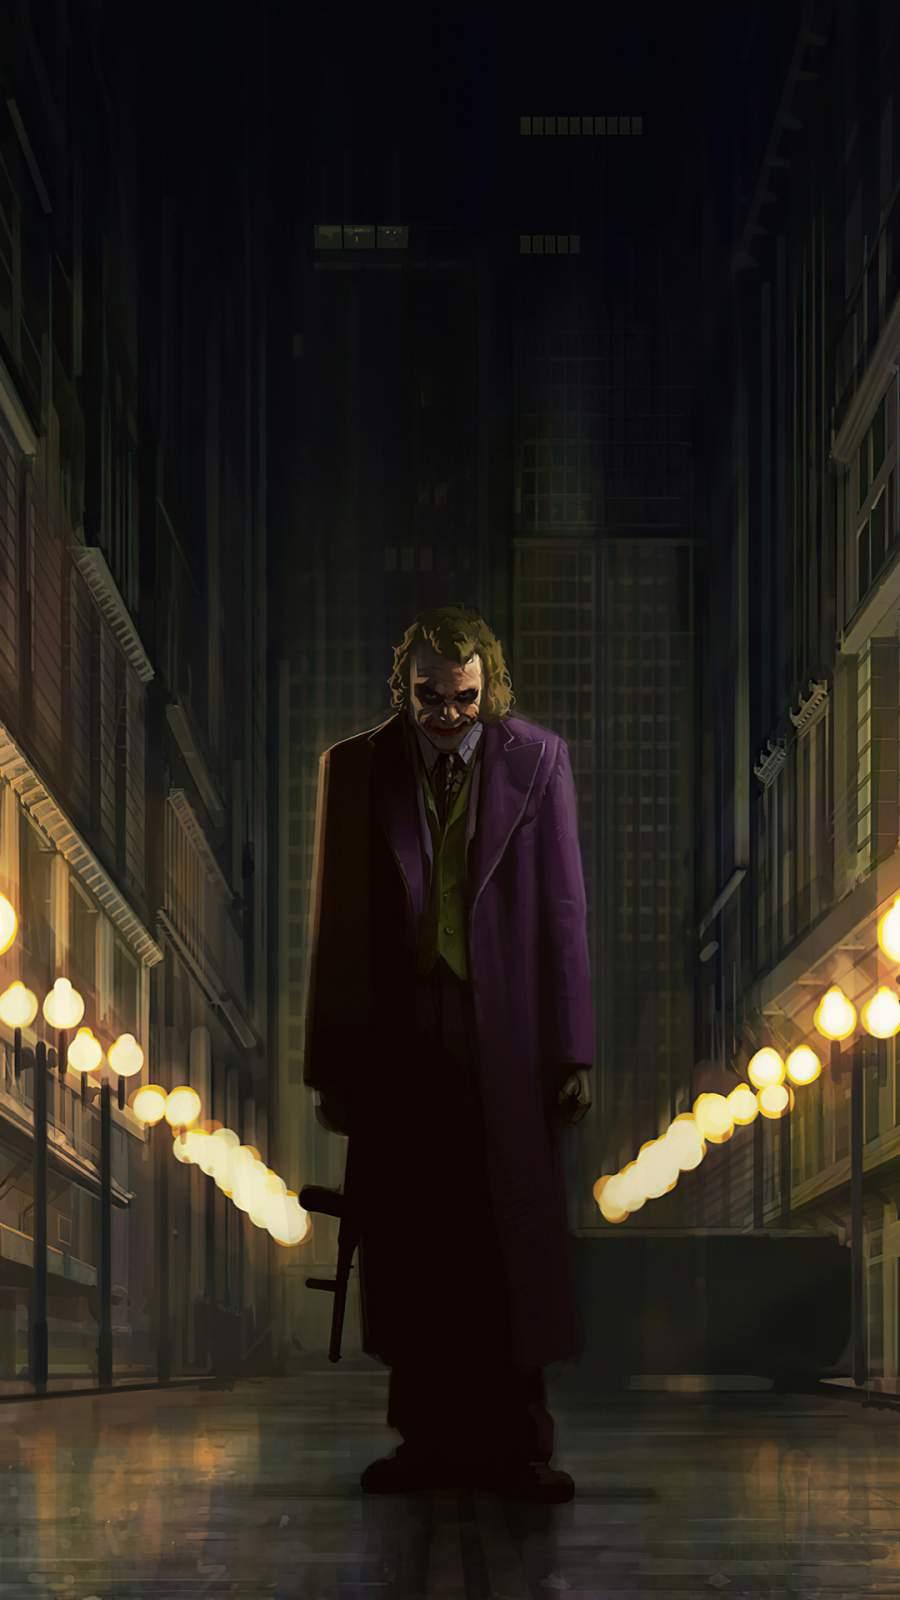 Joker with Gun iPhone Wallpaper